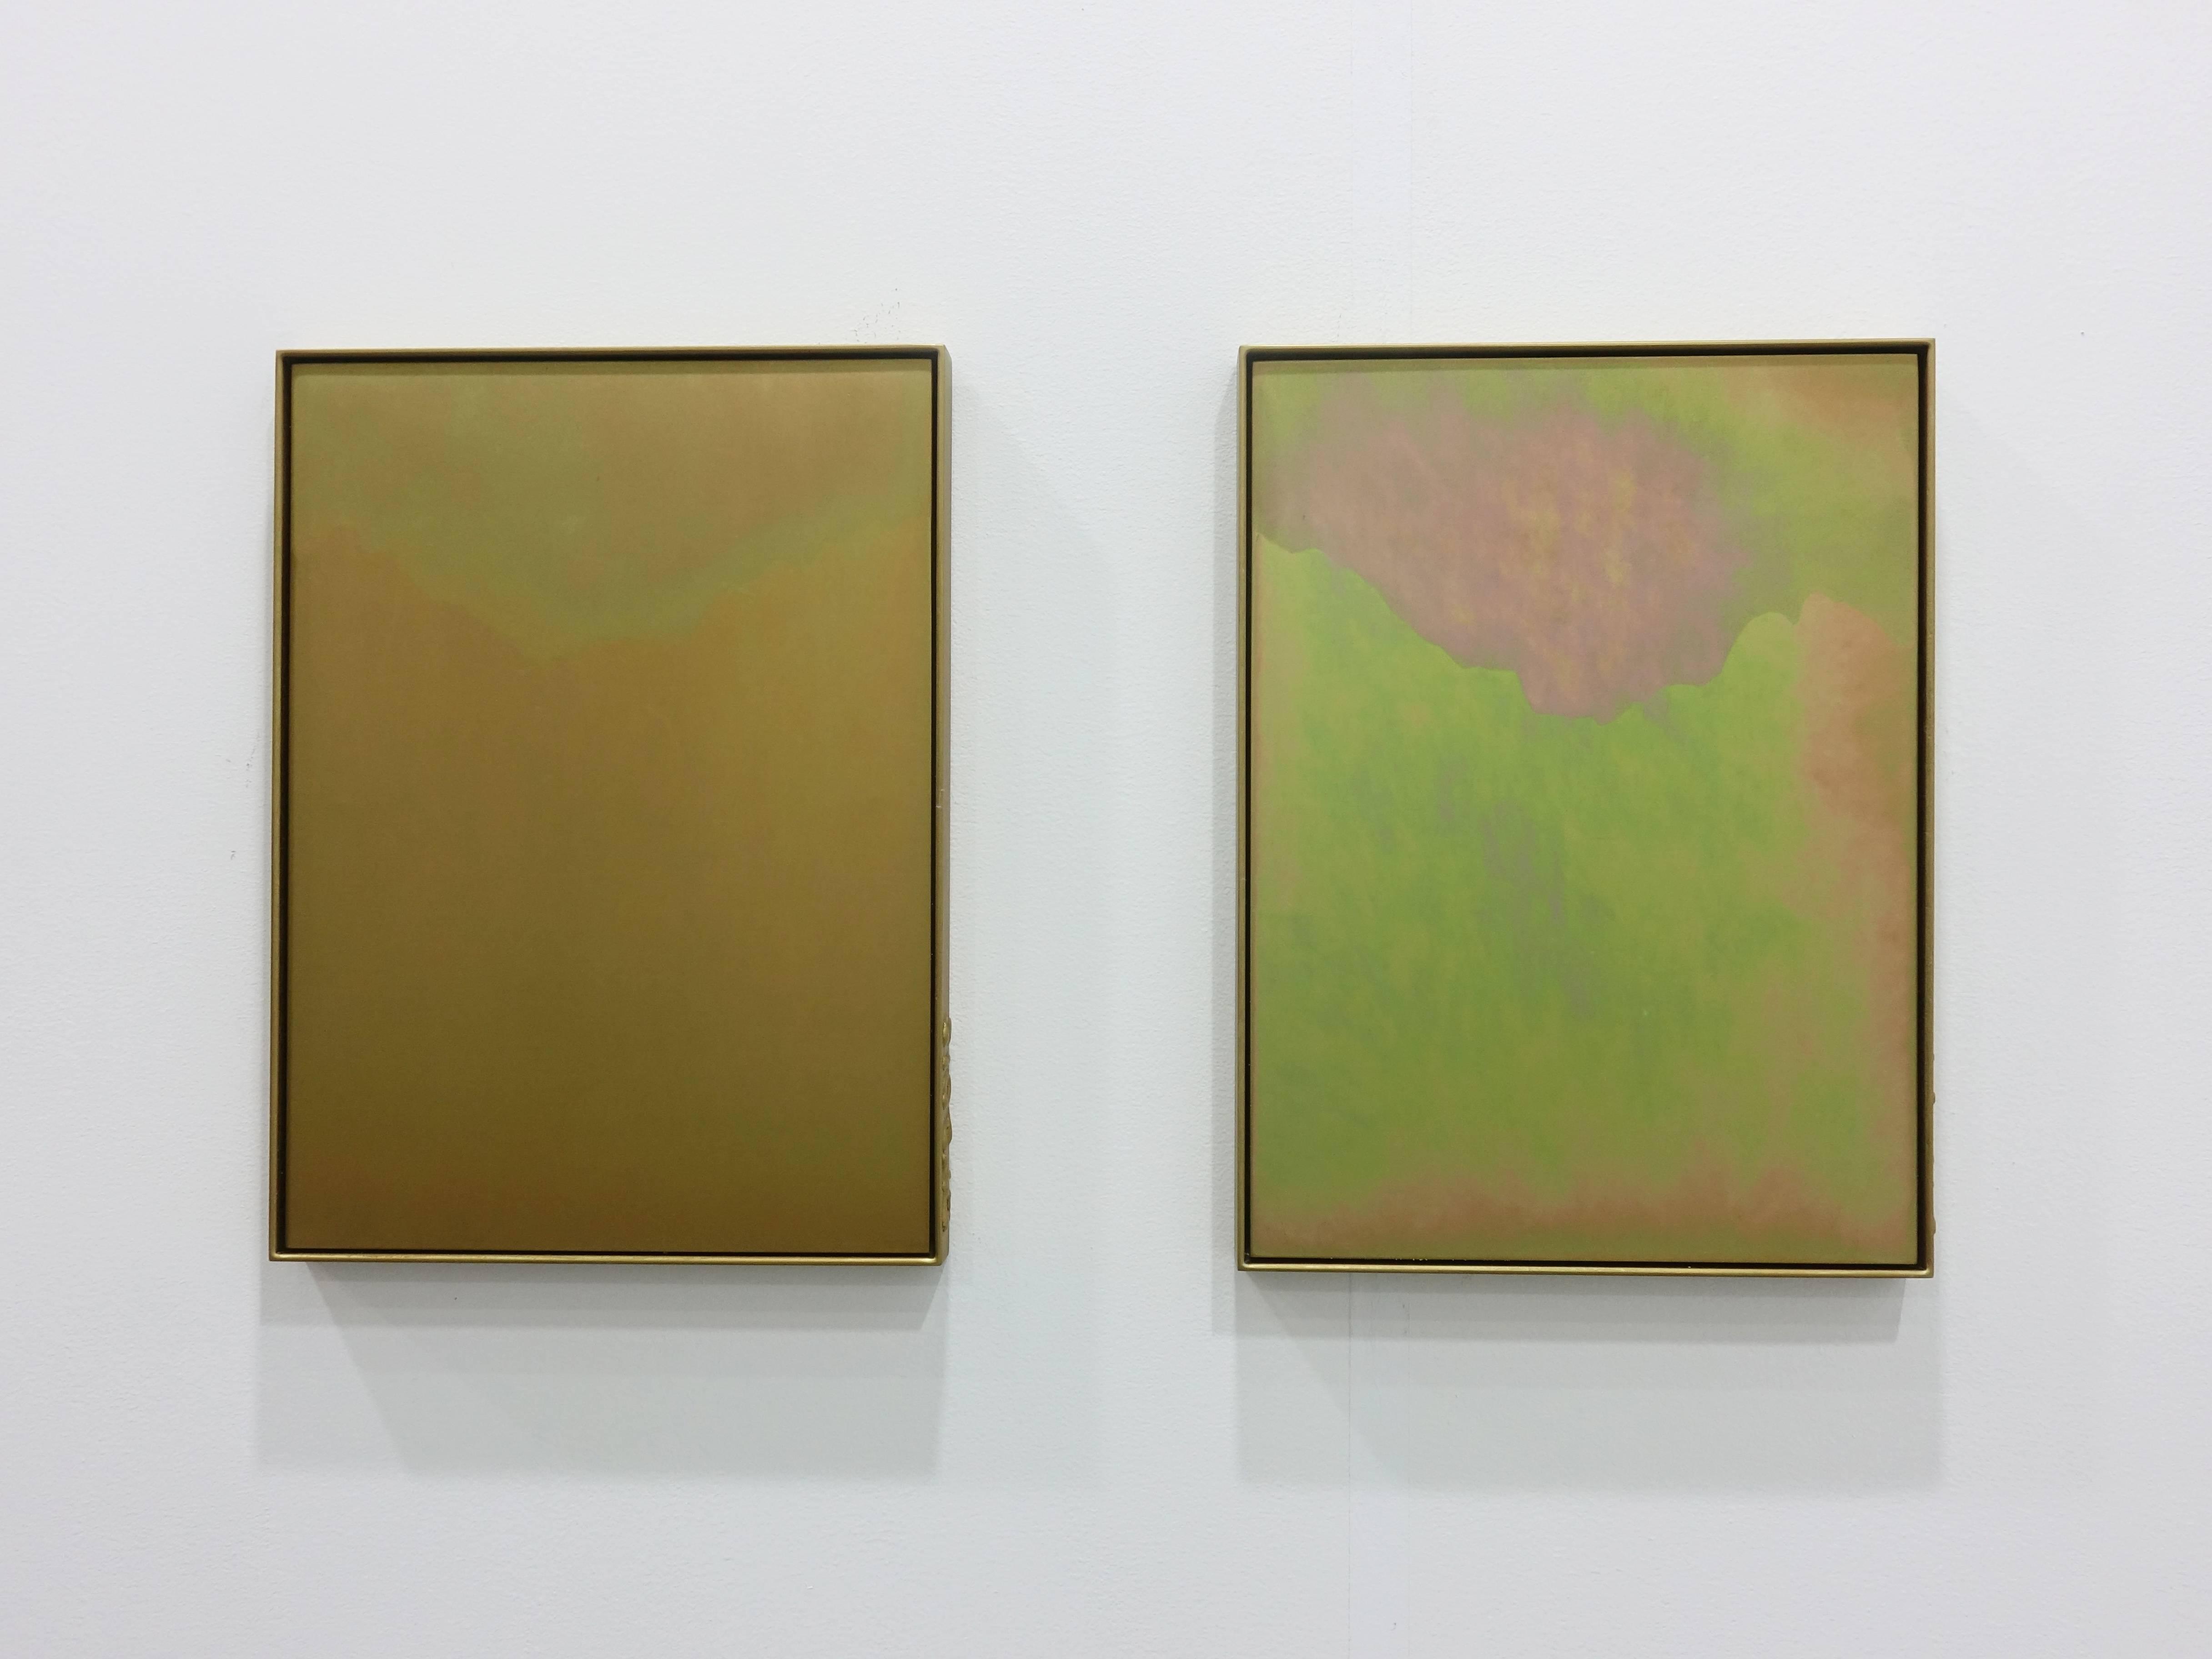 F09 Gallery Vacancy展出作品。